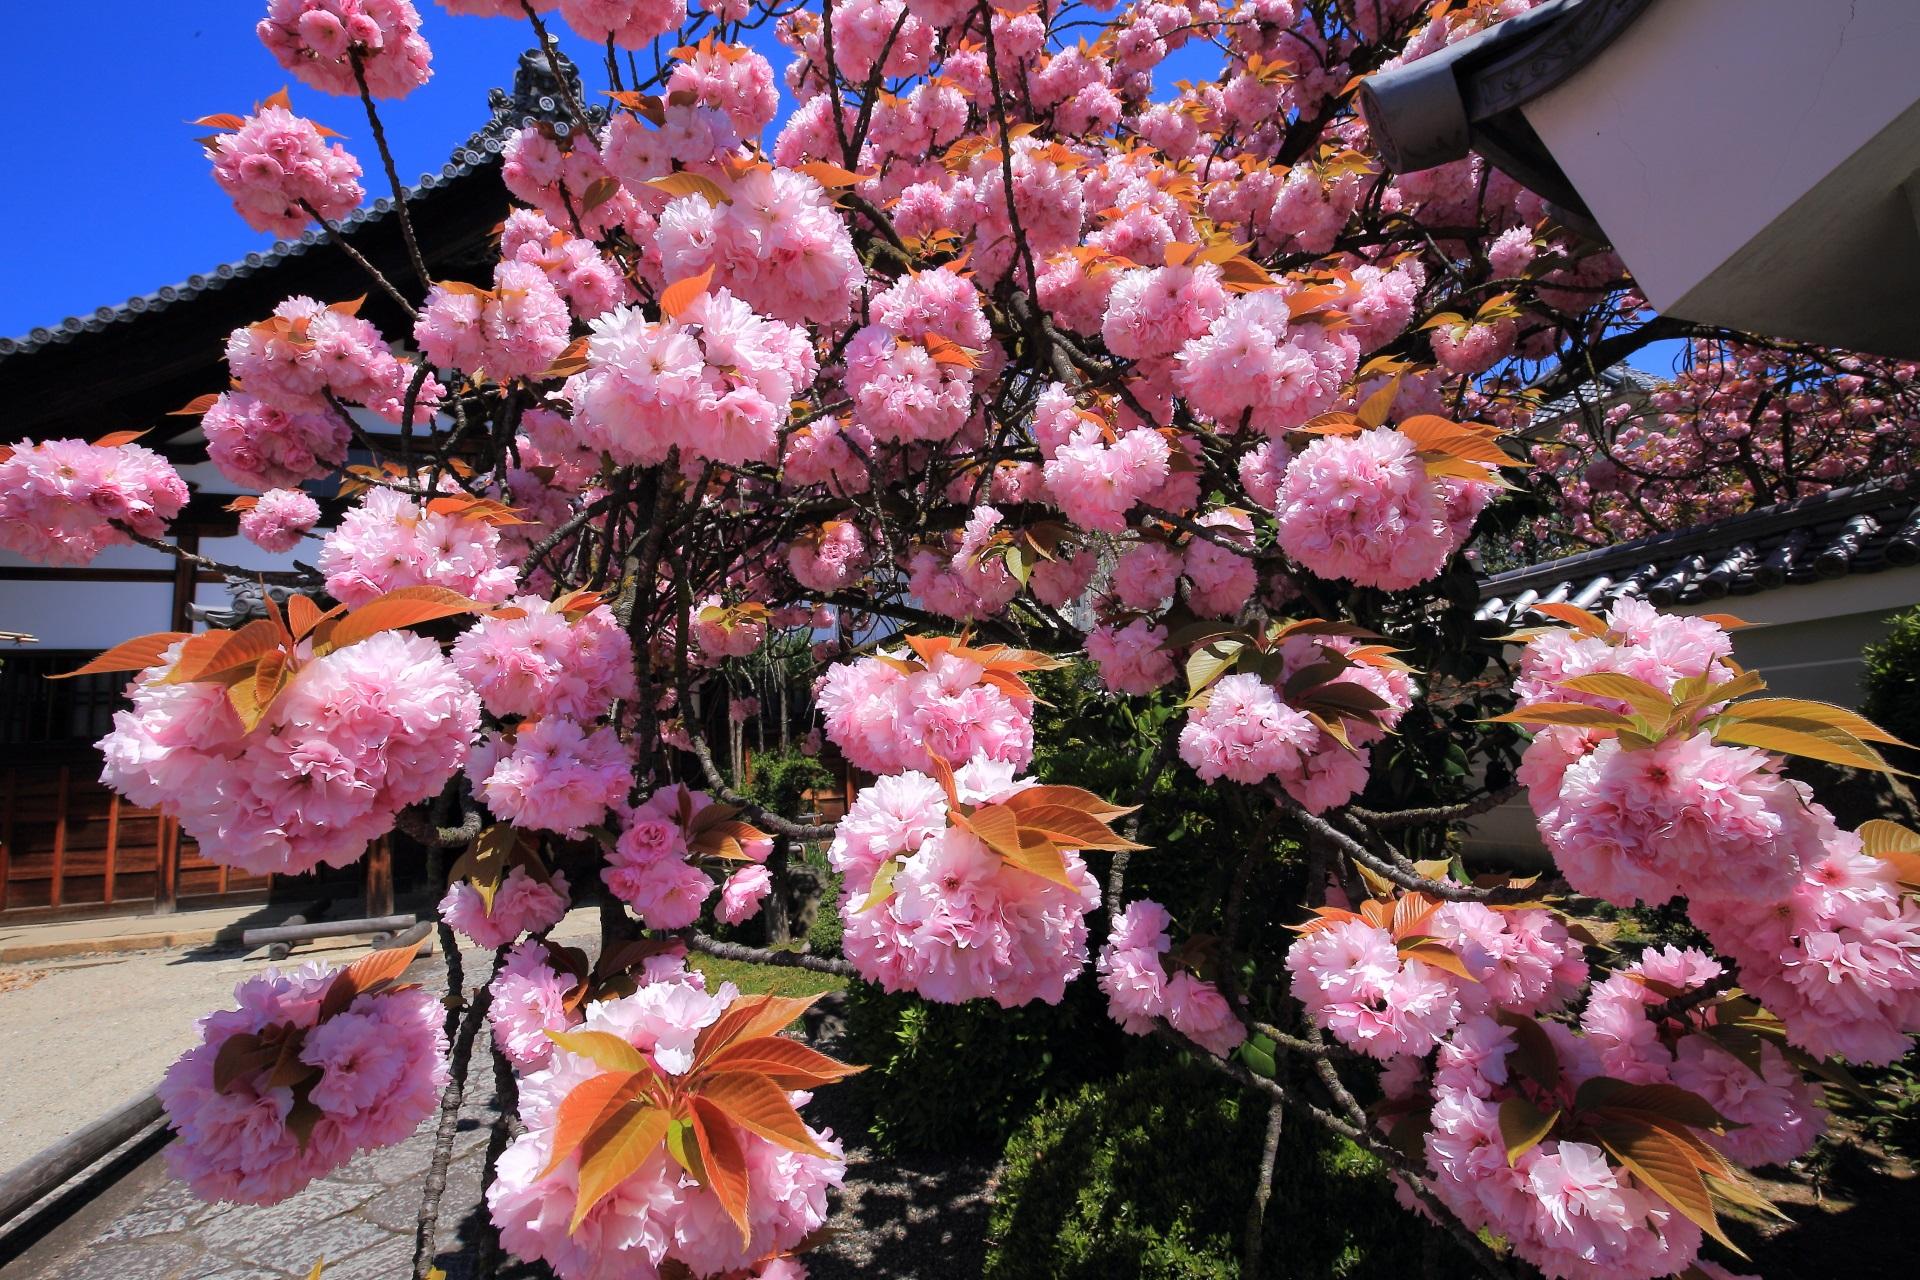 妙蓮寺 八重桜 遅咲きの隠れた桜の名所